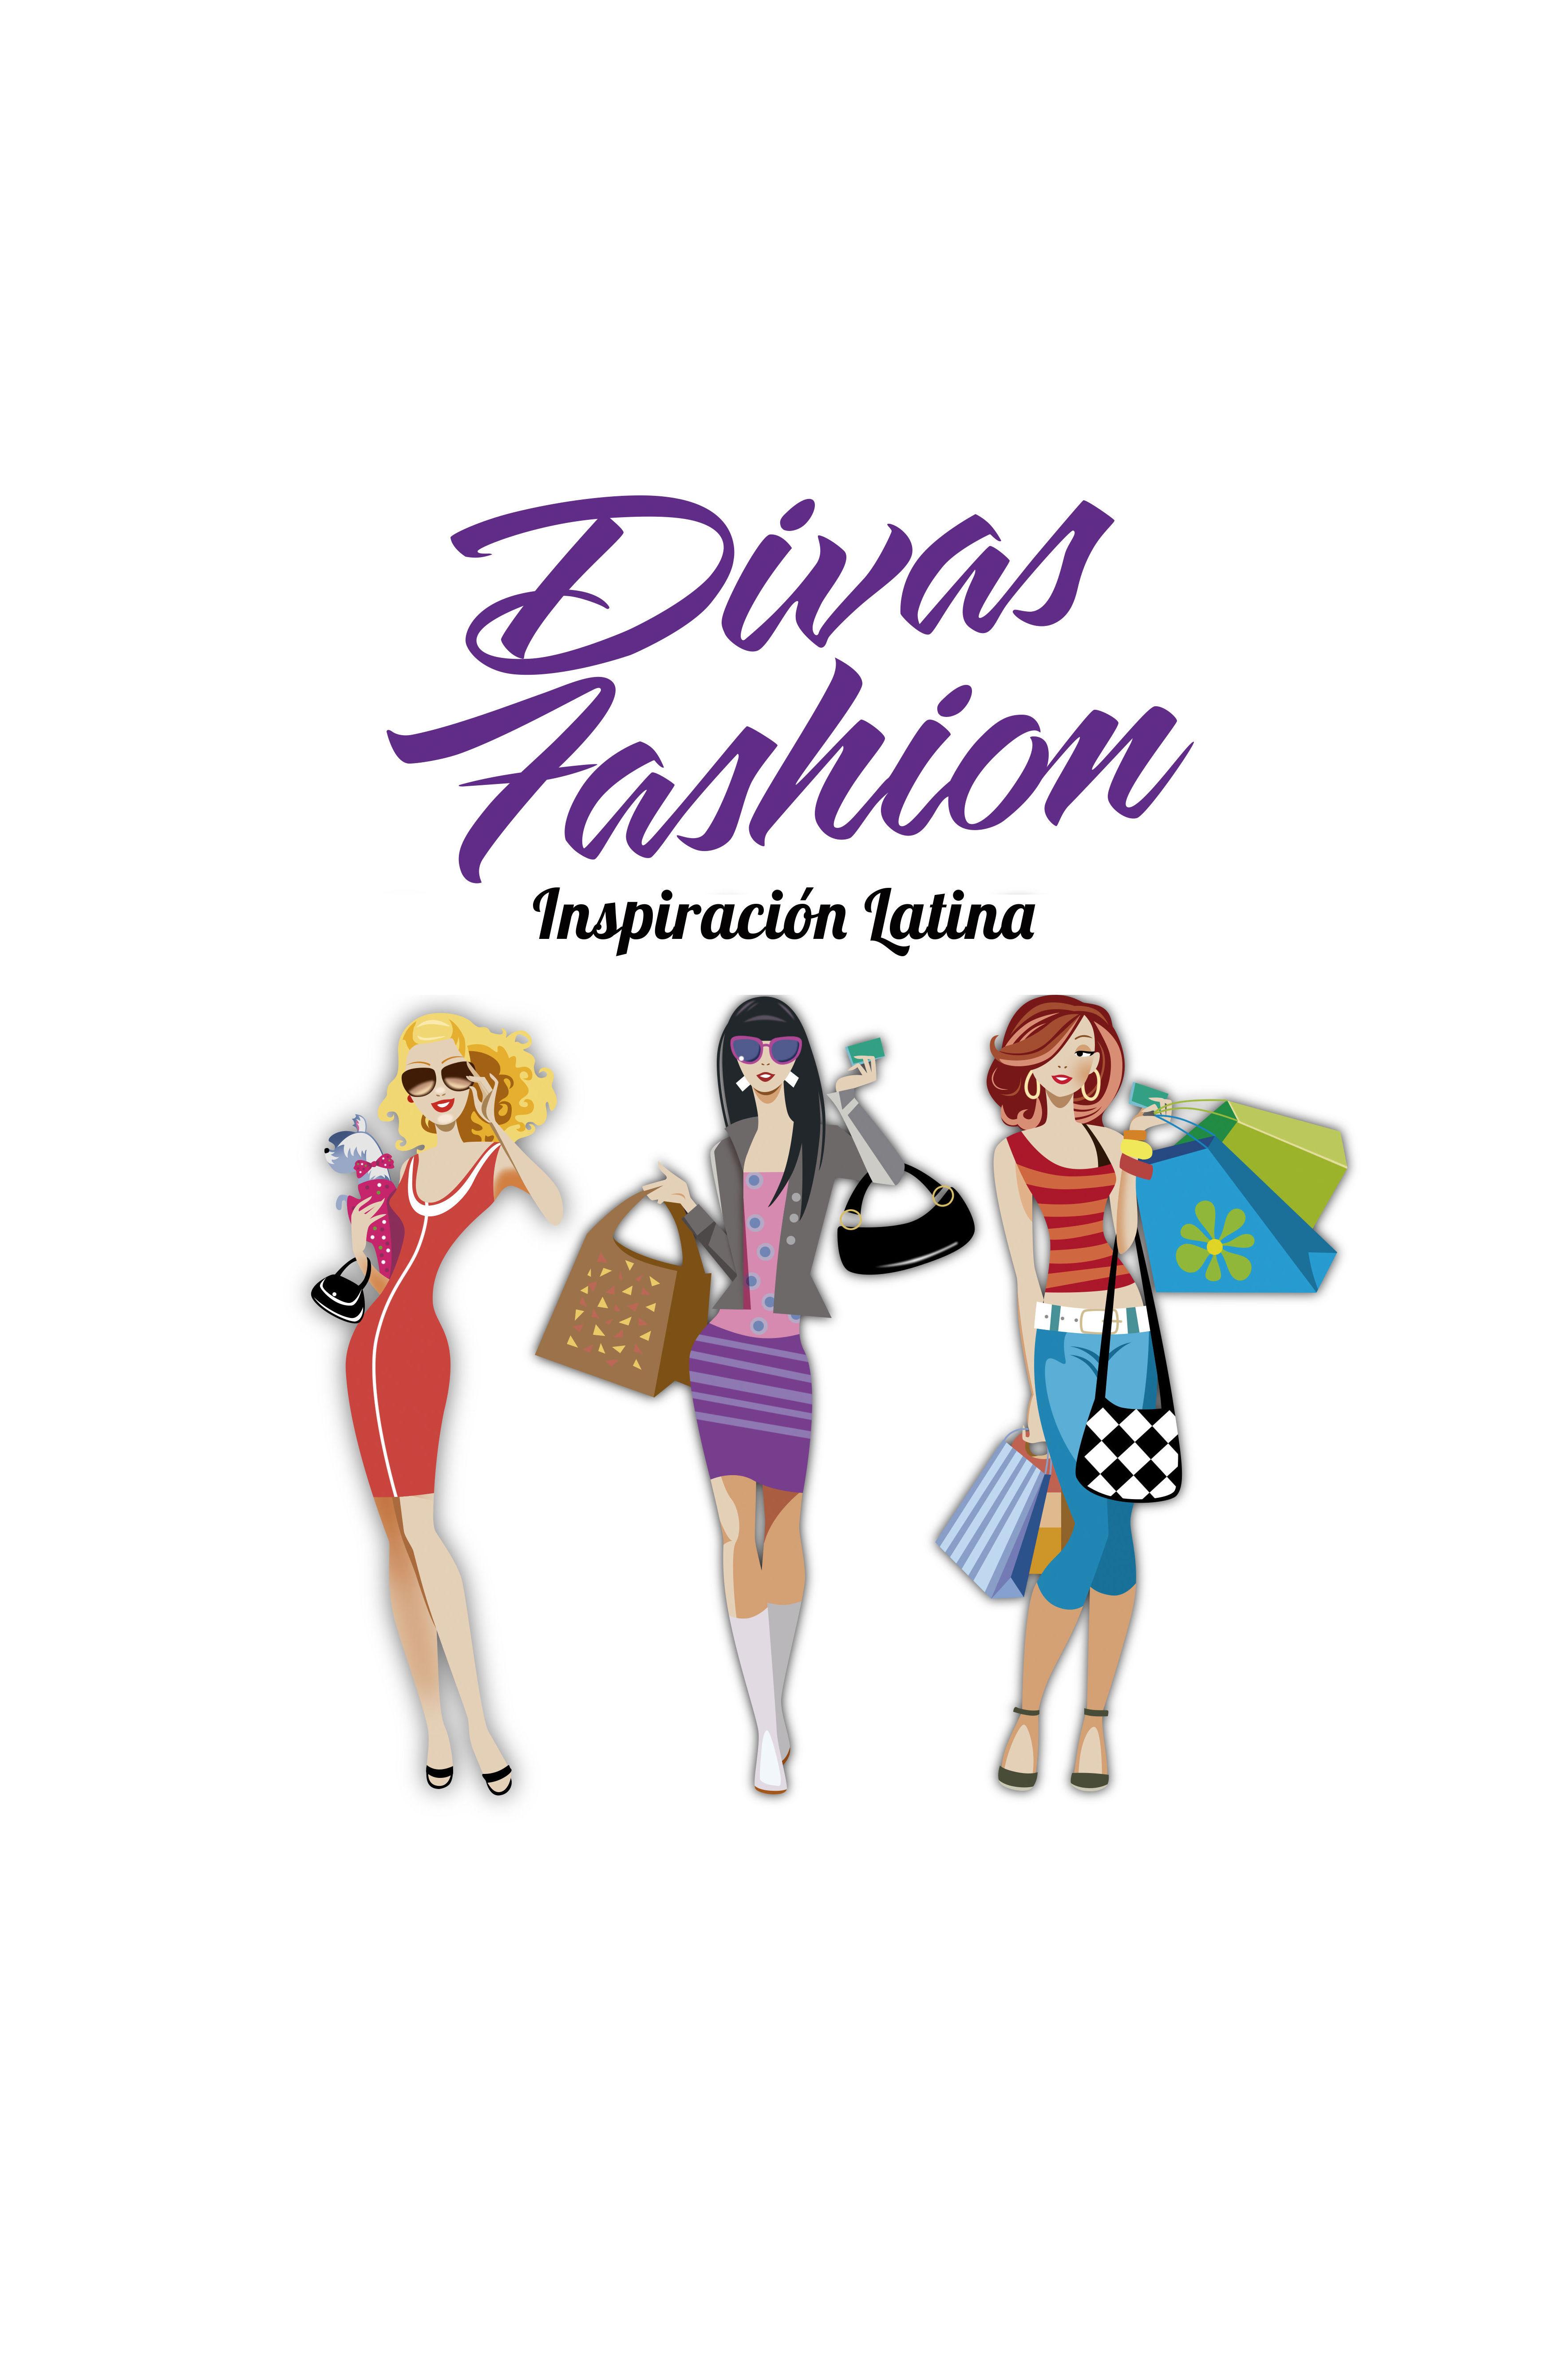 DIVAS FASHION INSPIRACIÓN LATINA S.L